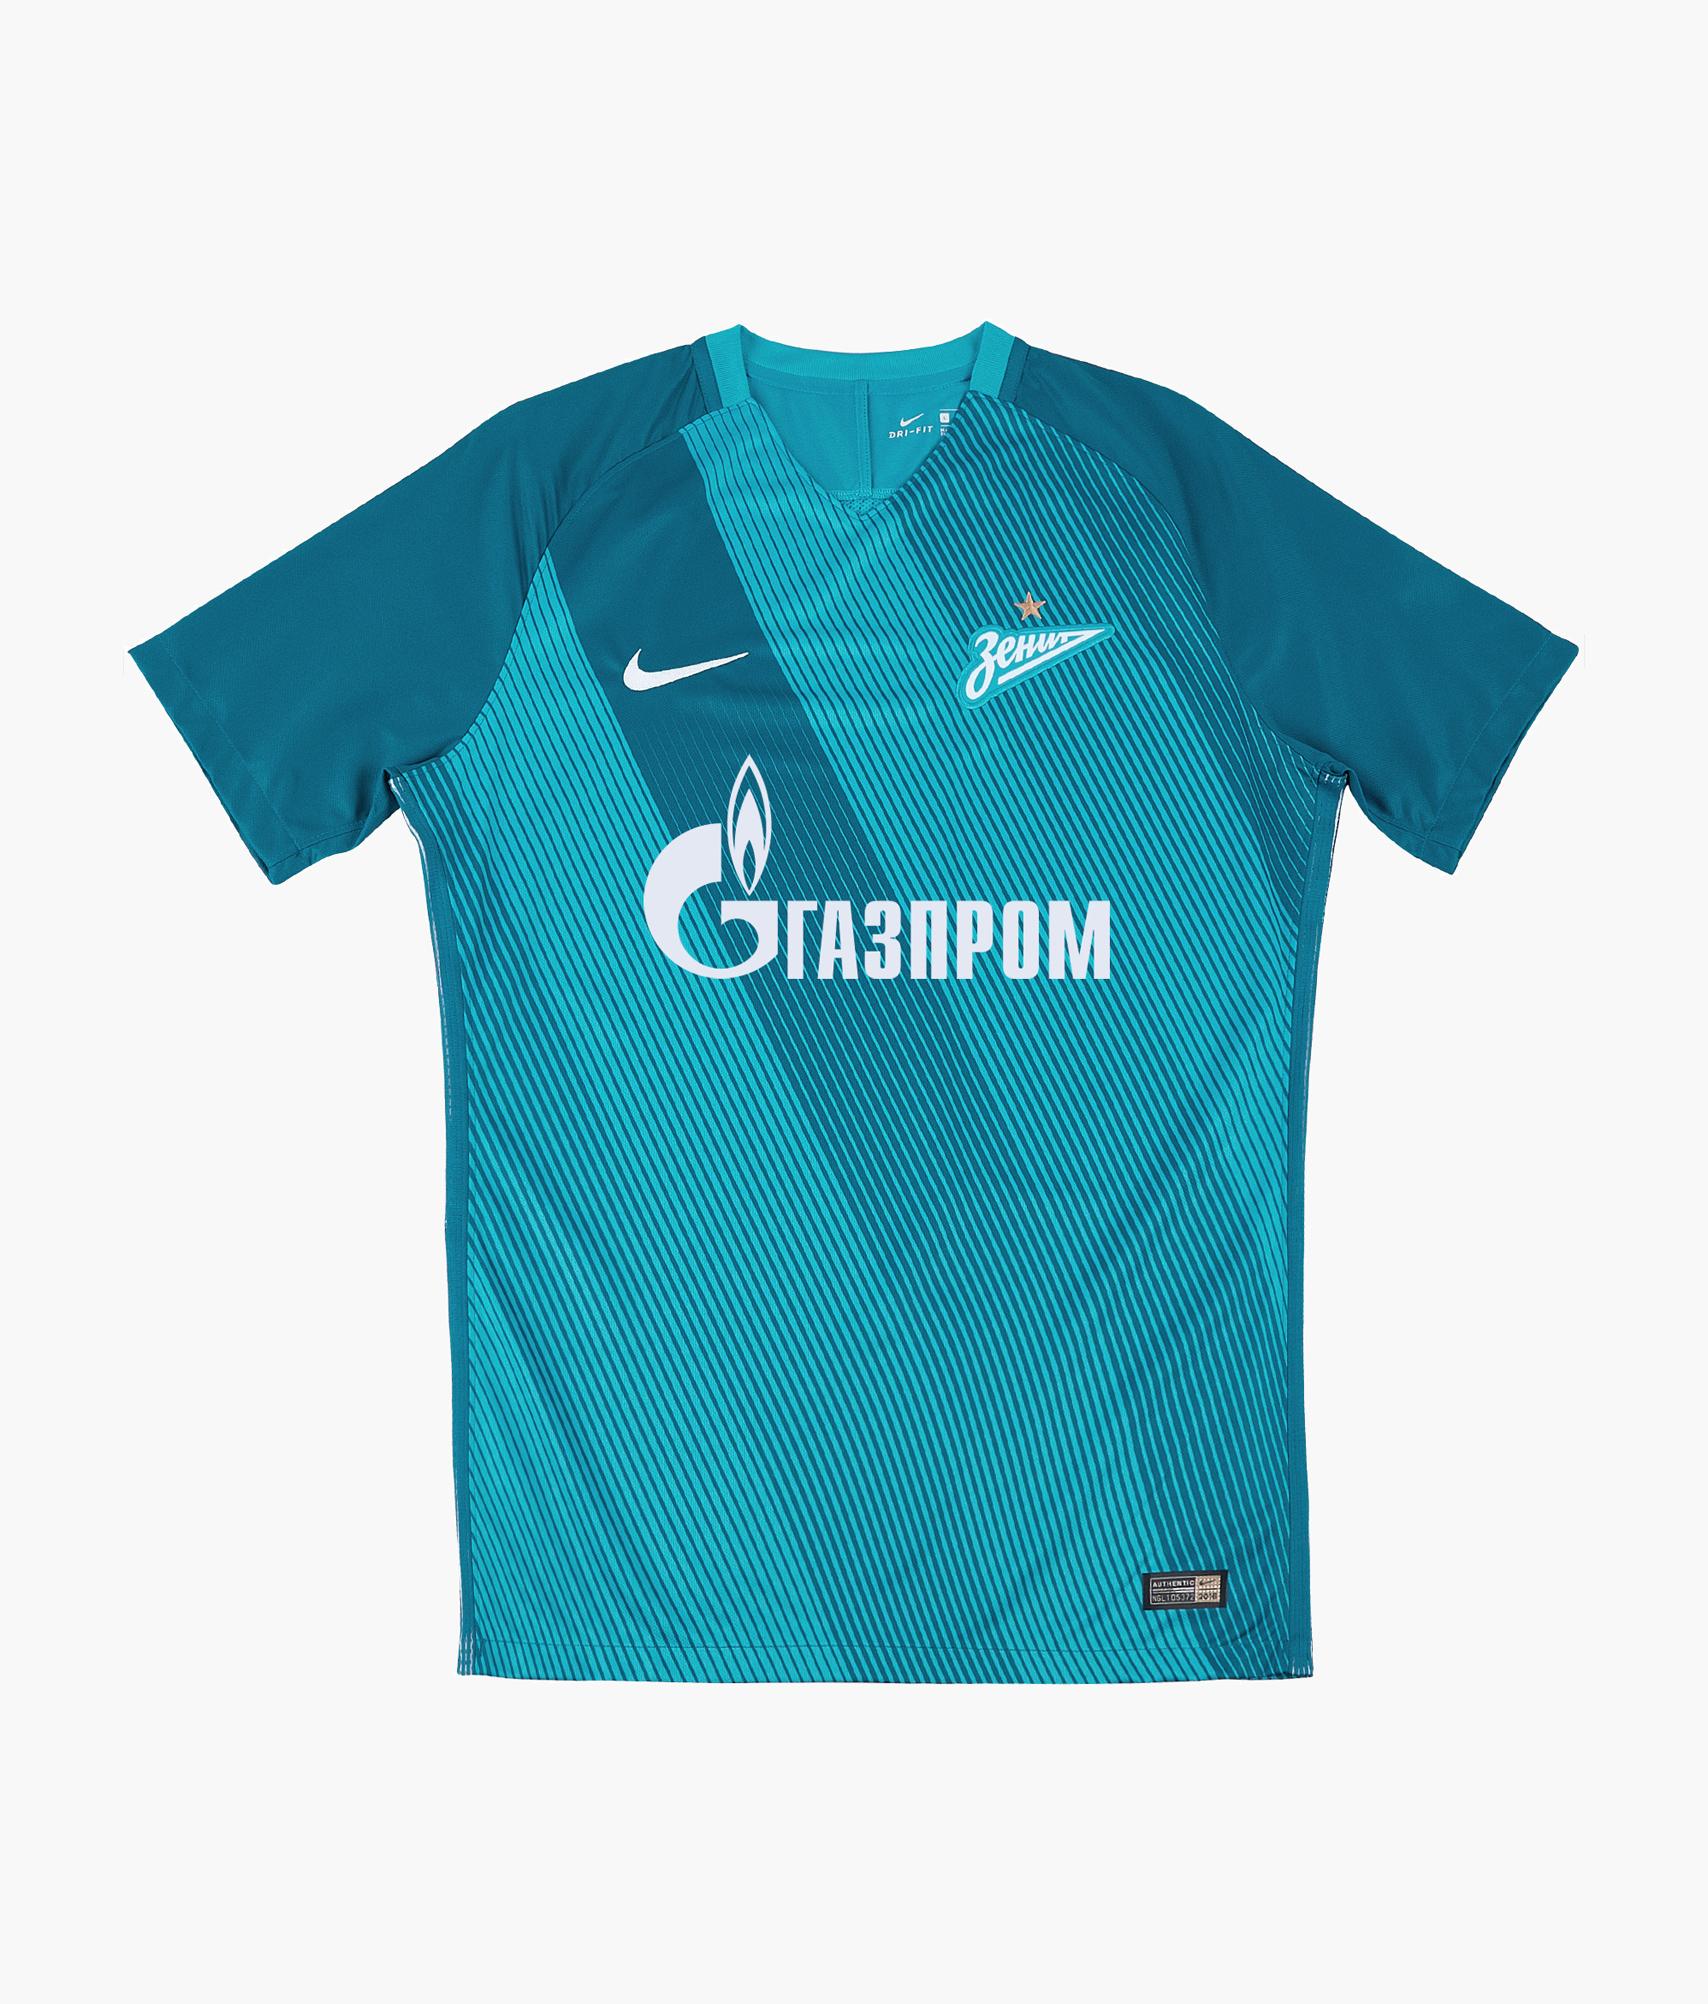 Оригинальная домашняя футболка, Цвет-Синий, Размер-S